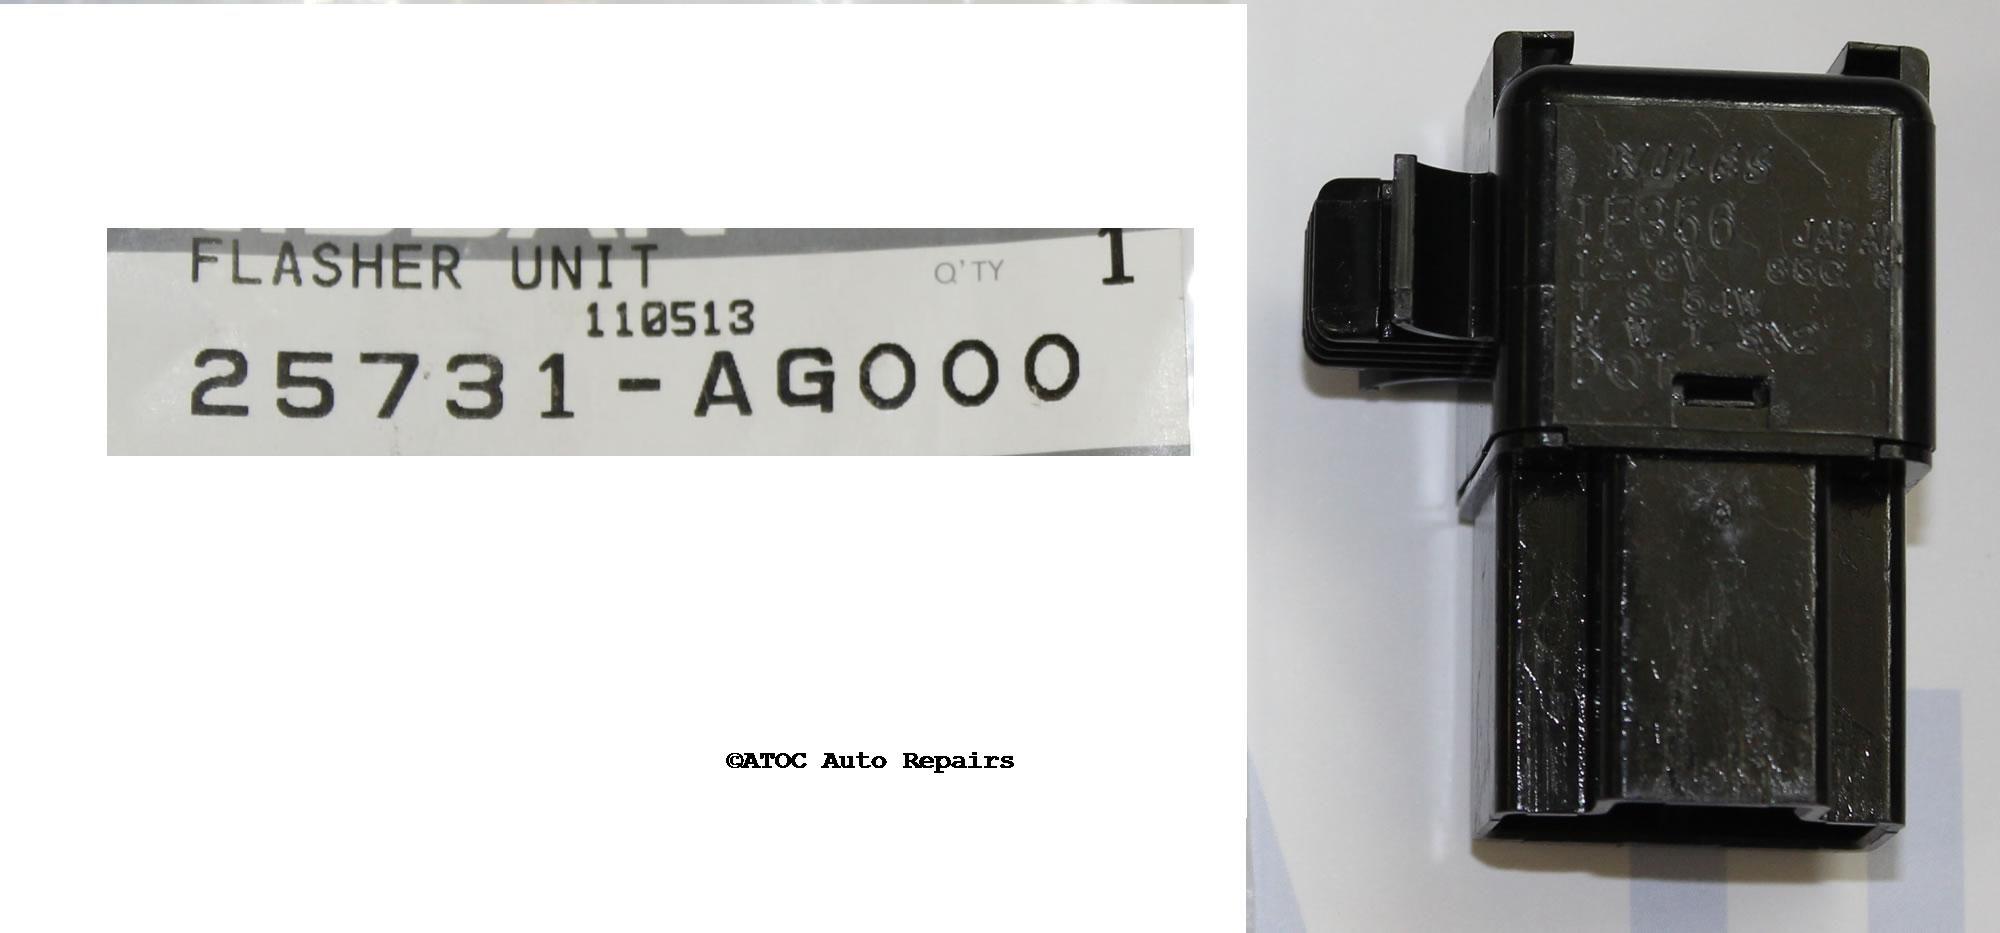 25731AG000 Nissan Navara Rear Light Wiring Diagram on